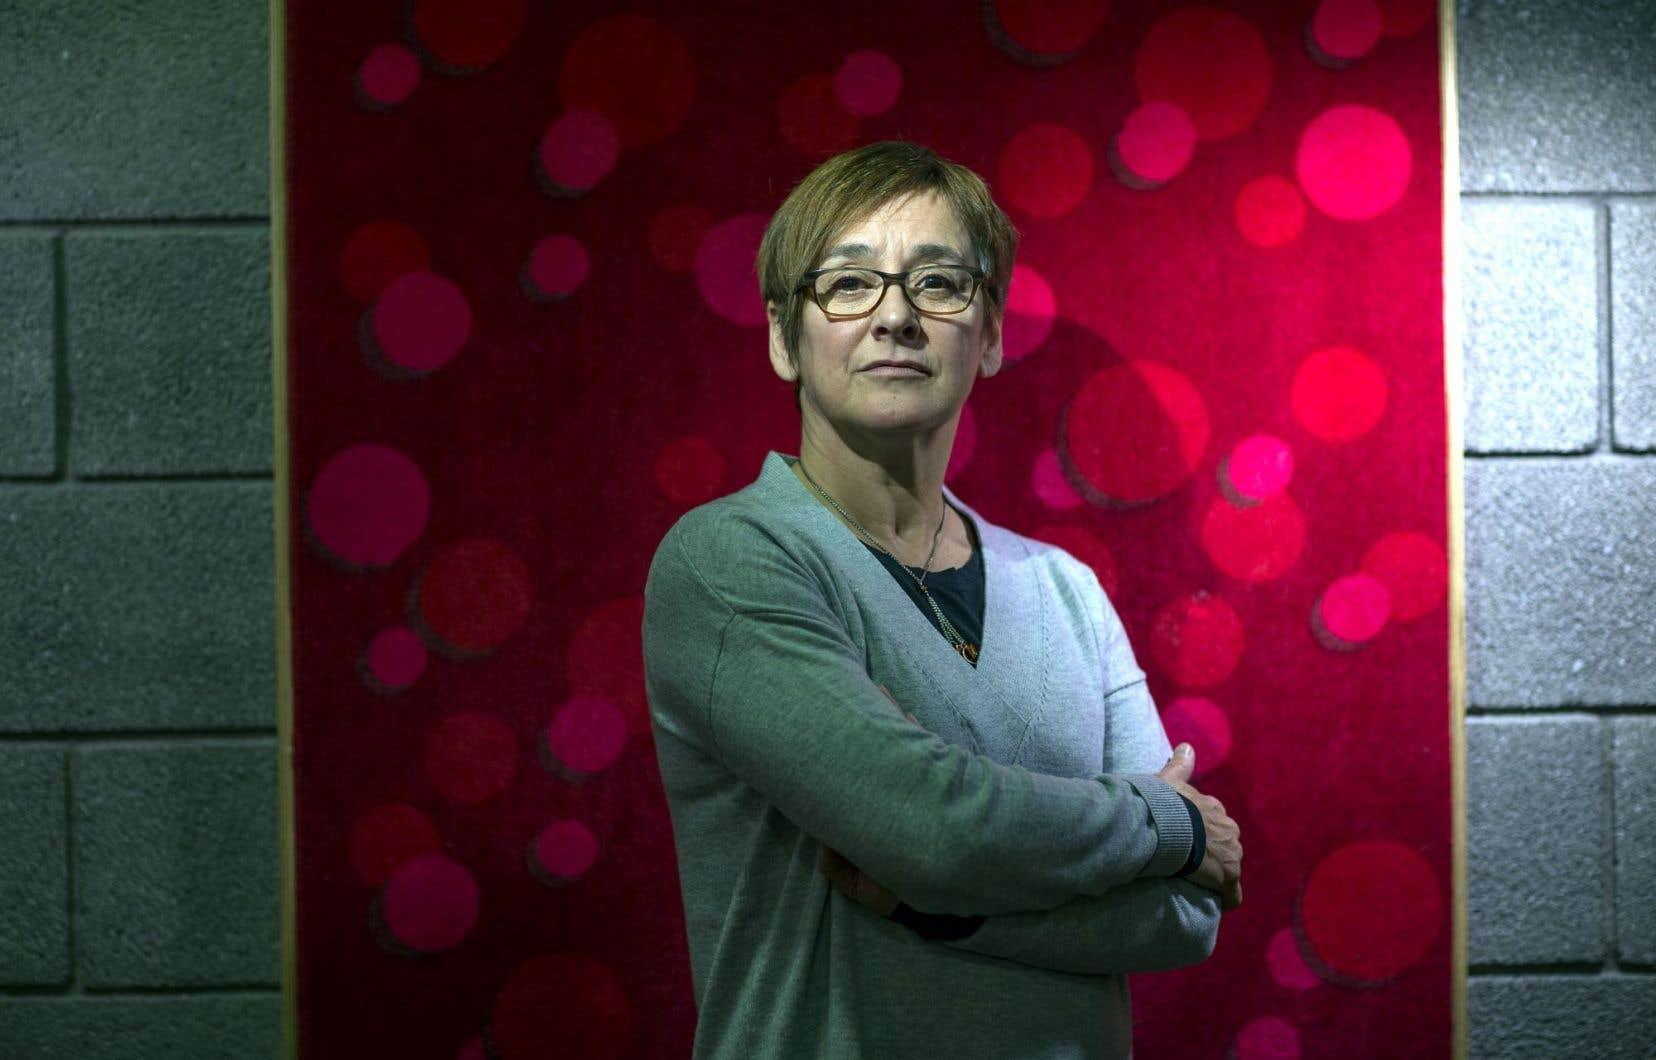 Ginette Laurin, tête à penser des danses d'O Vertigo depuis 30ans, prépare sa sortie progressive de la compagnie.